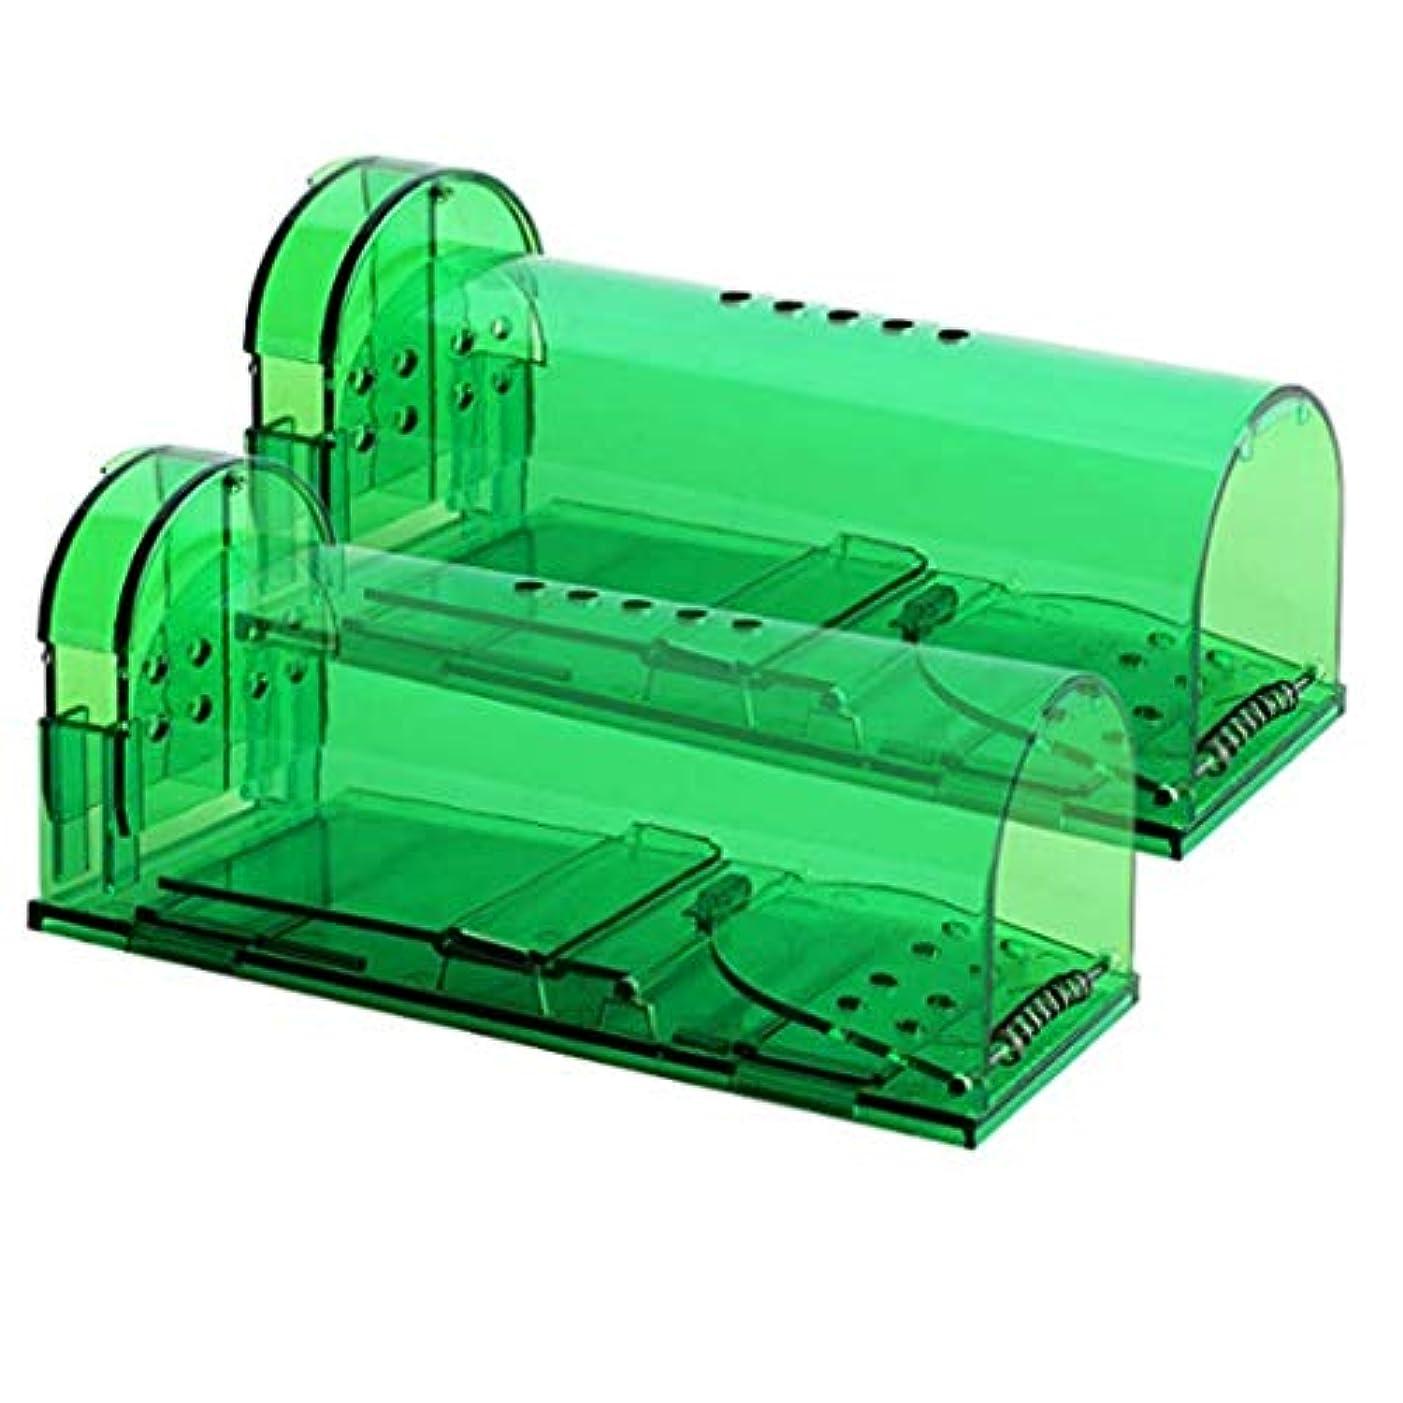 動脈マトンアーネストシャクルトン2 .グリーンヒューマノイドマウスの罠リアルタイムの捕獲と釈放知能は重複使用するマウスを殺さない